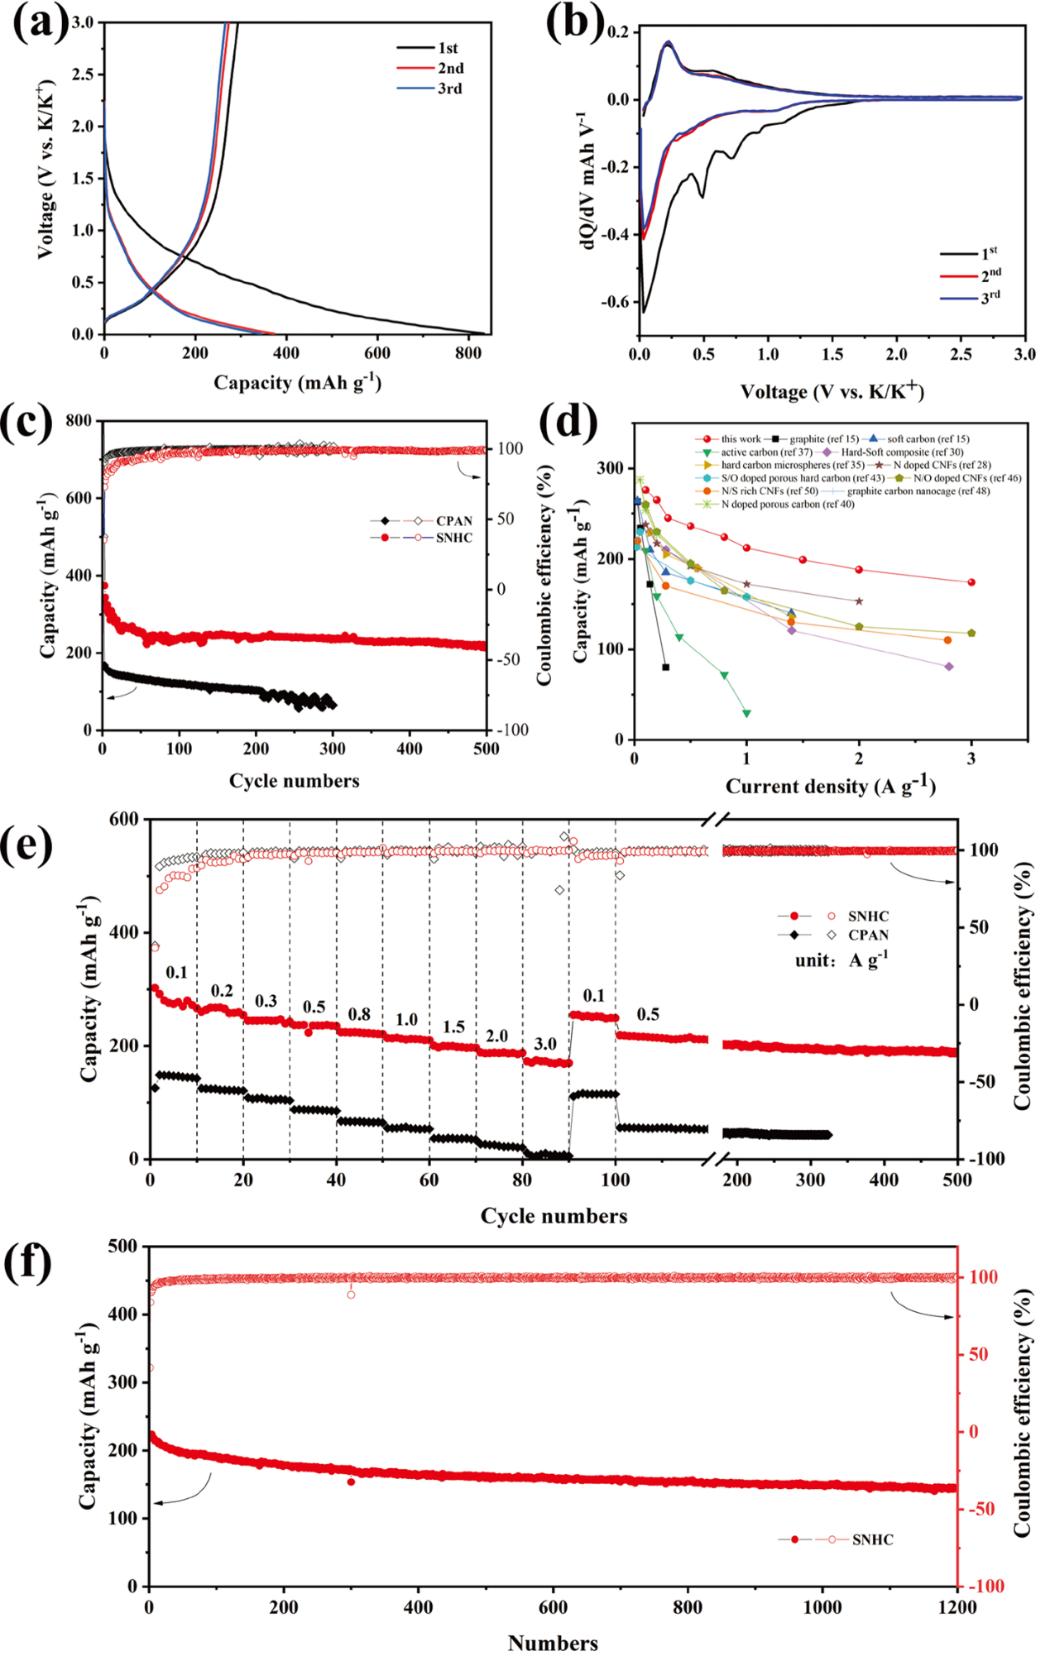 南京工业大学付丽君教授、吴宇平教授AEM:高性能多原子掺杂硬碳钾离子电池负极材料的简单制备方法